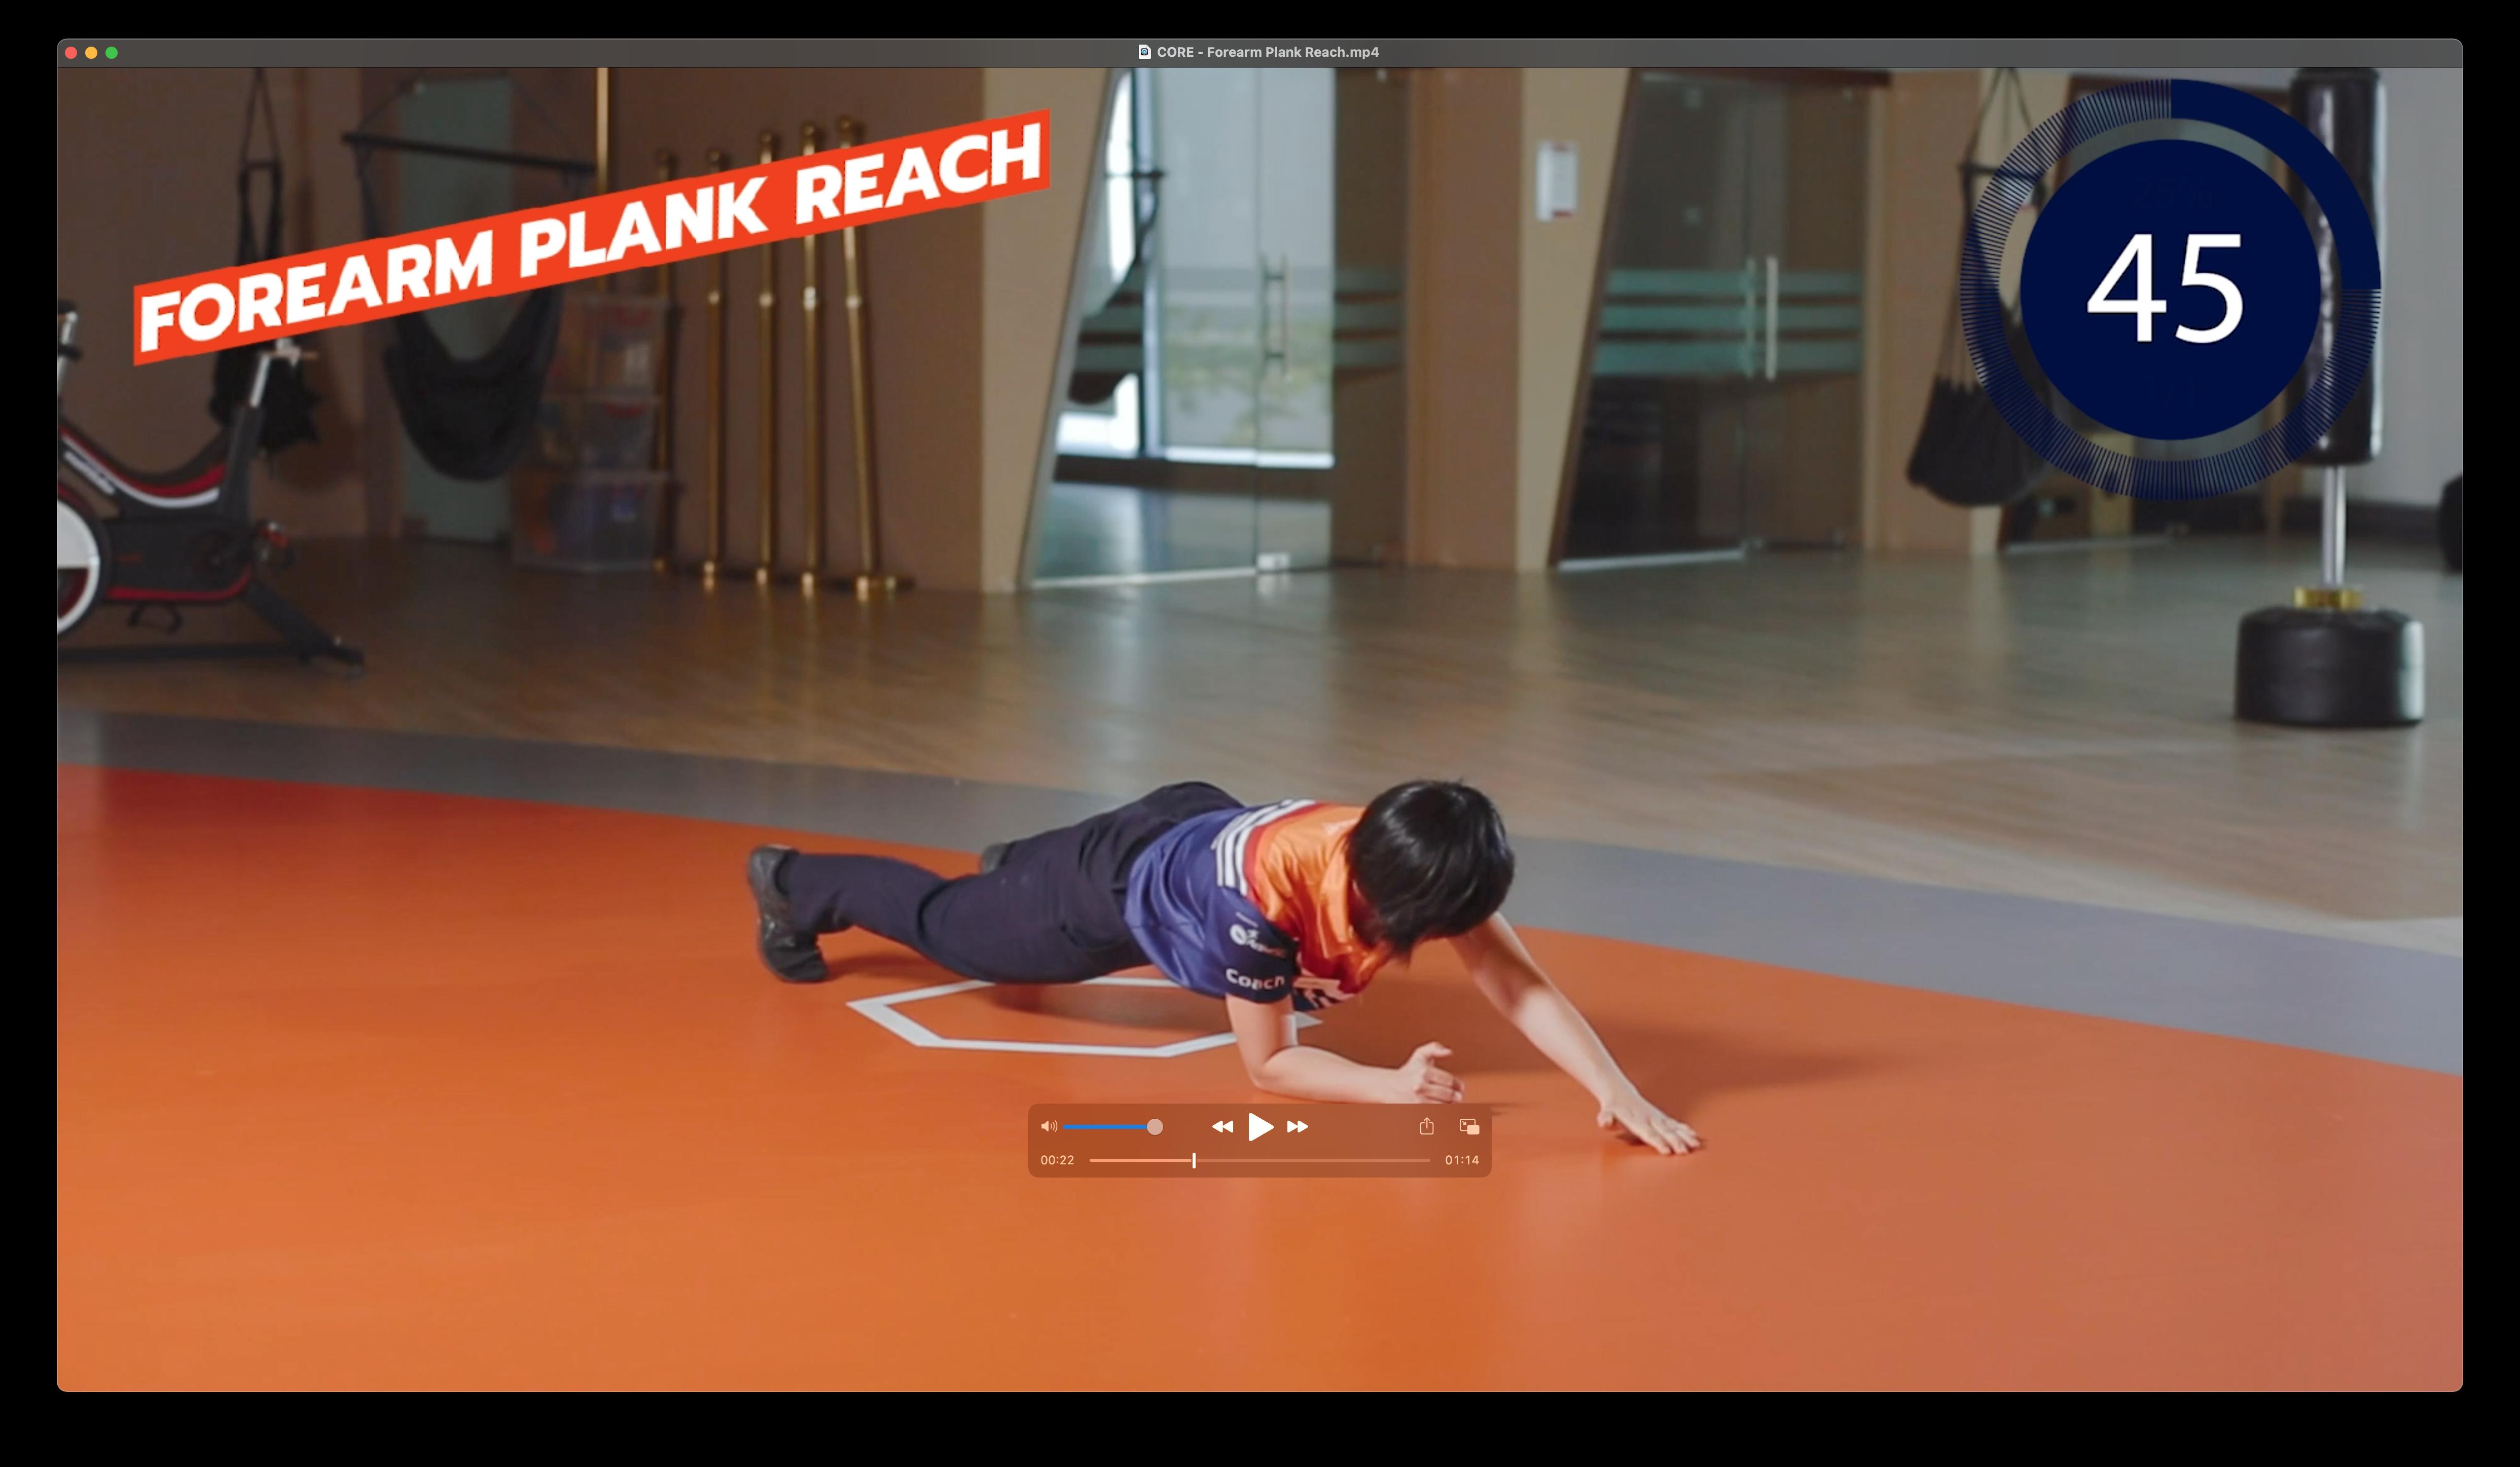 Forearm Plank Reach